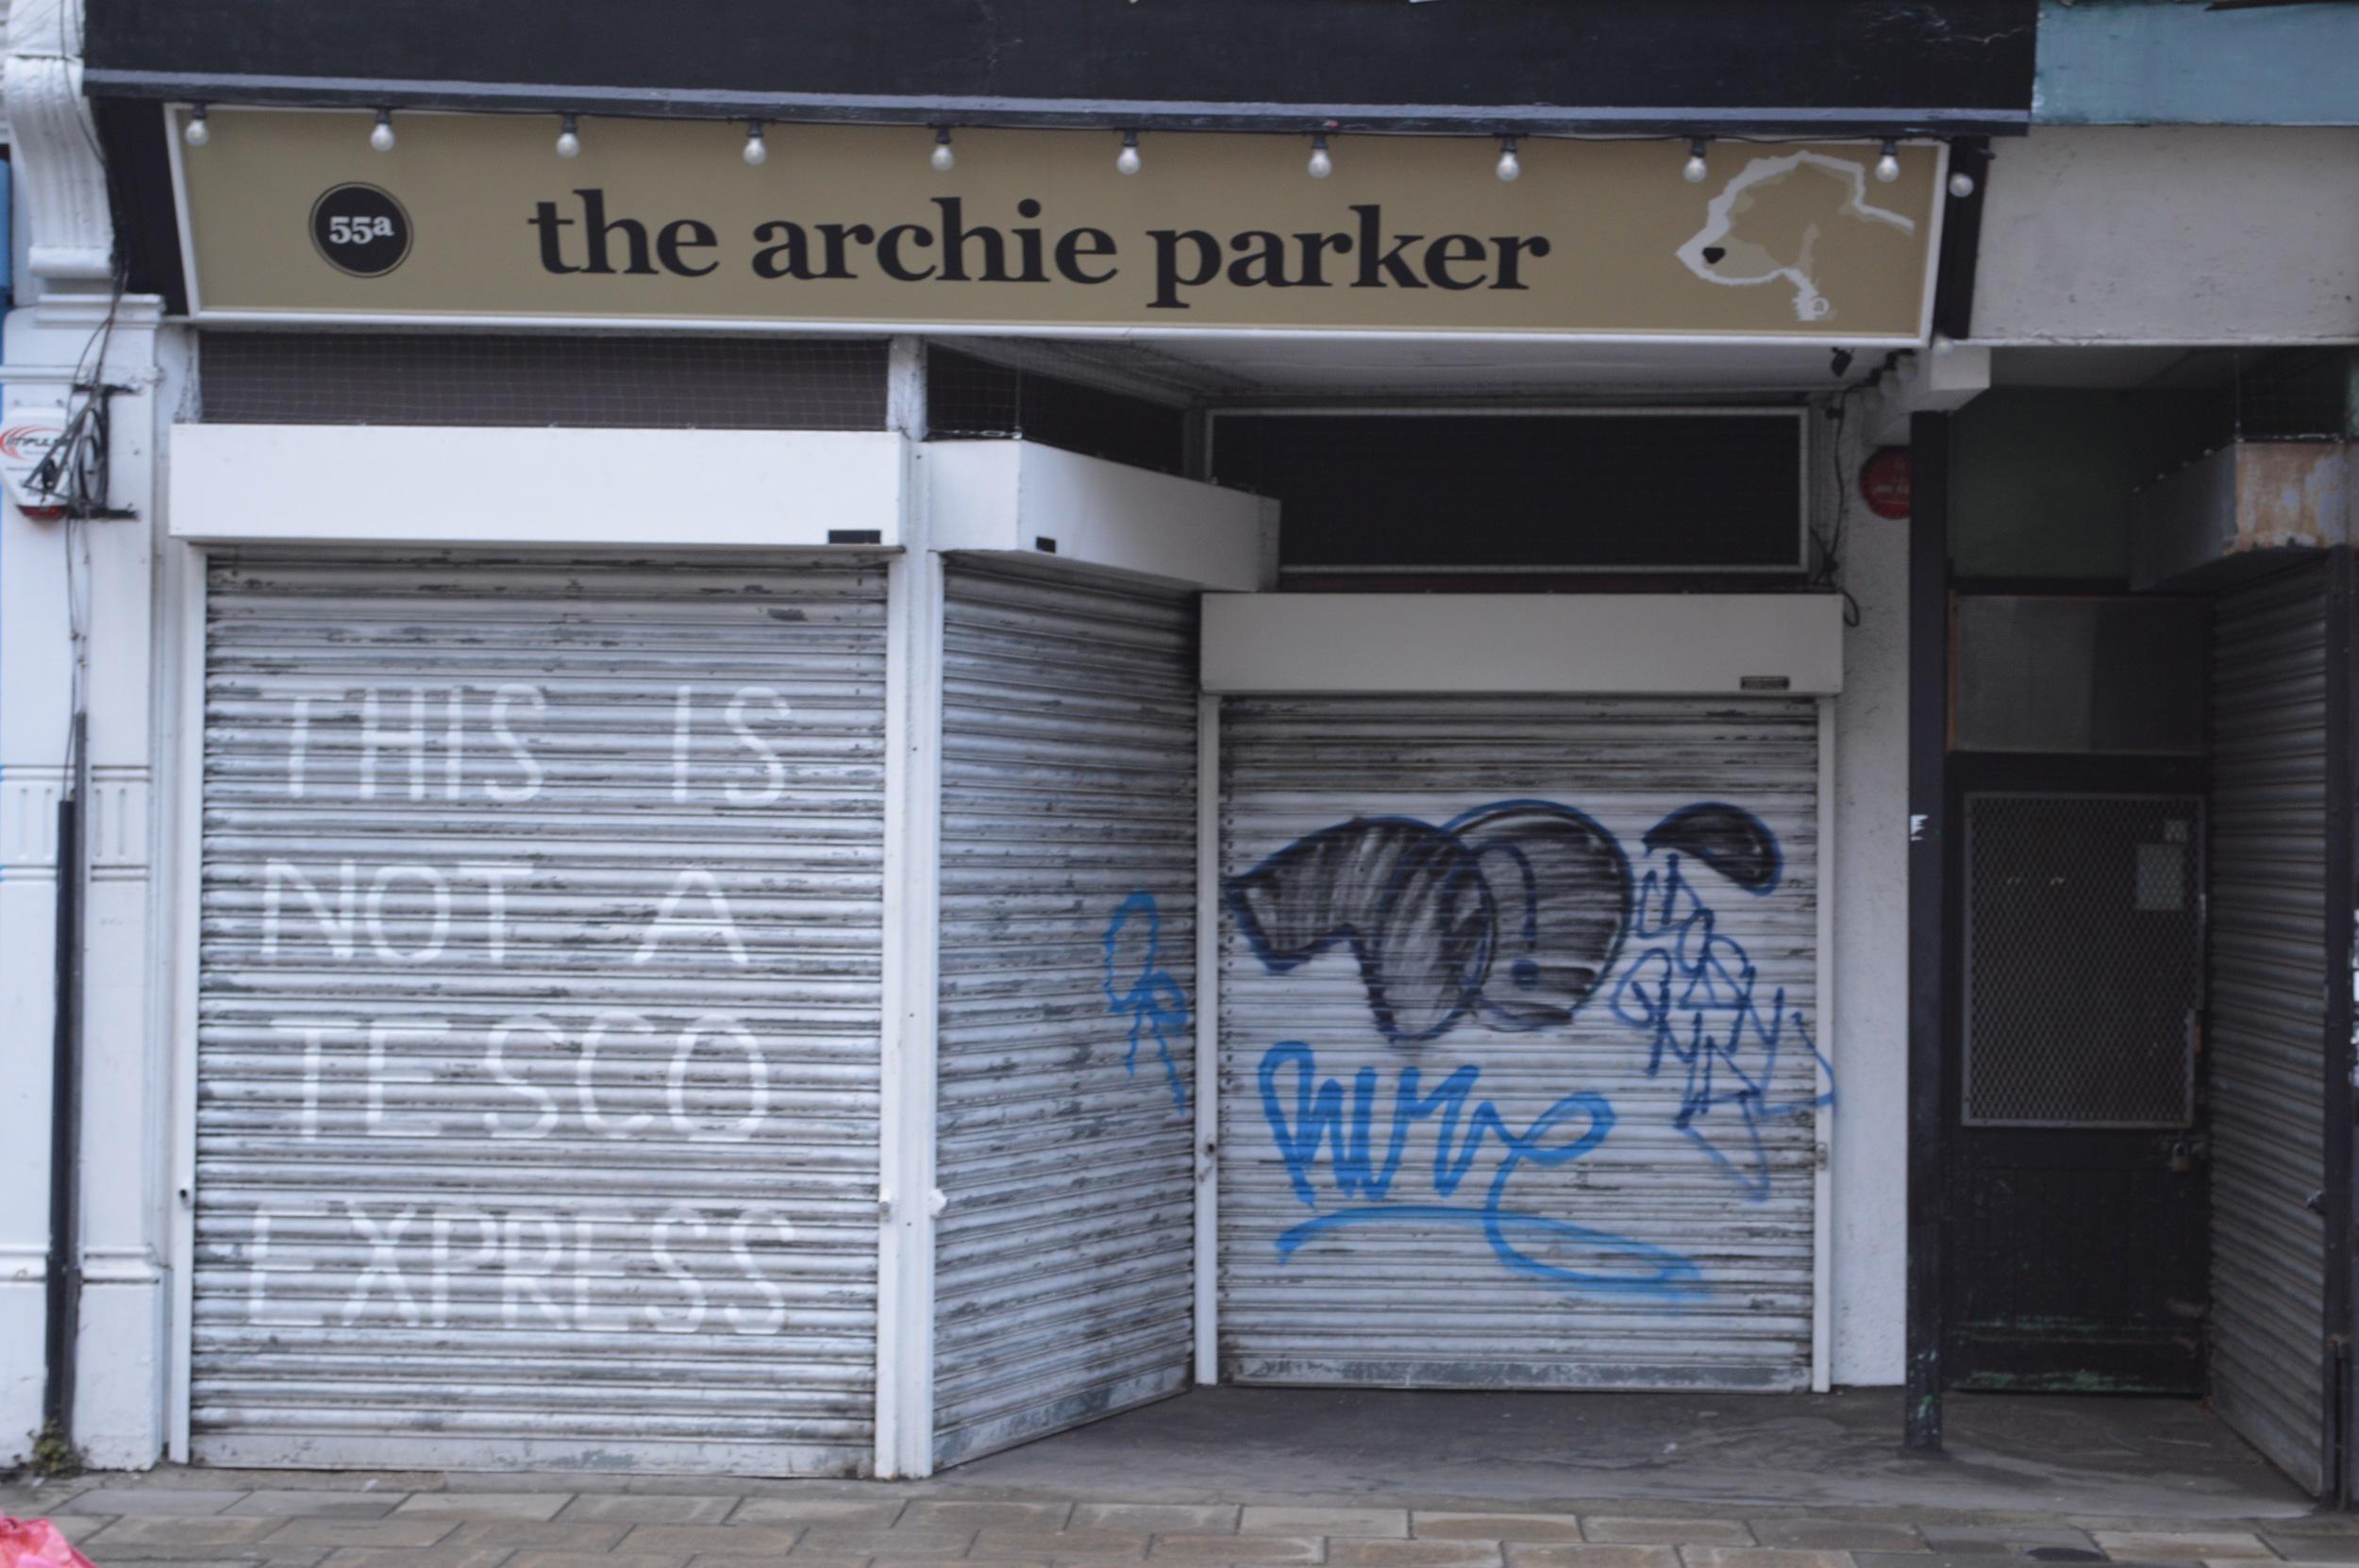 The Archie Parker